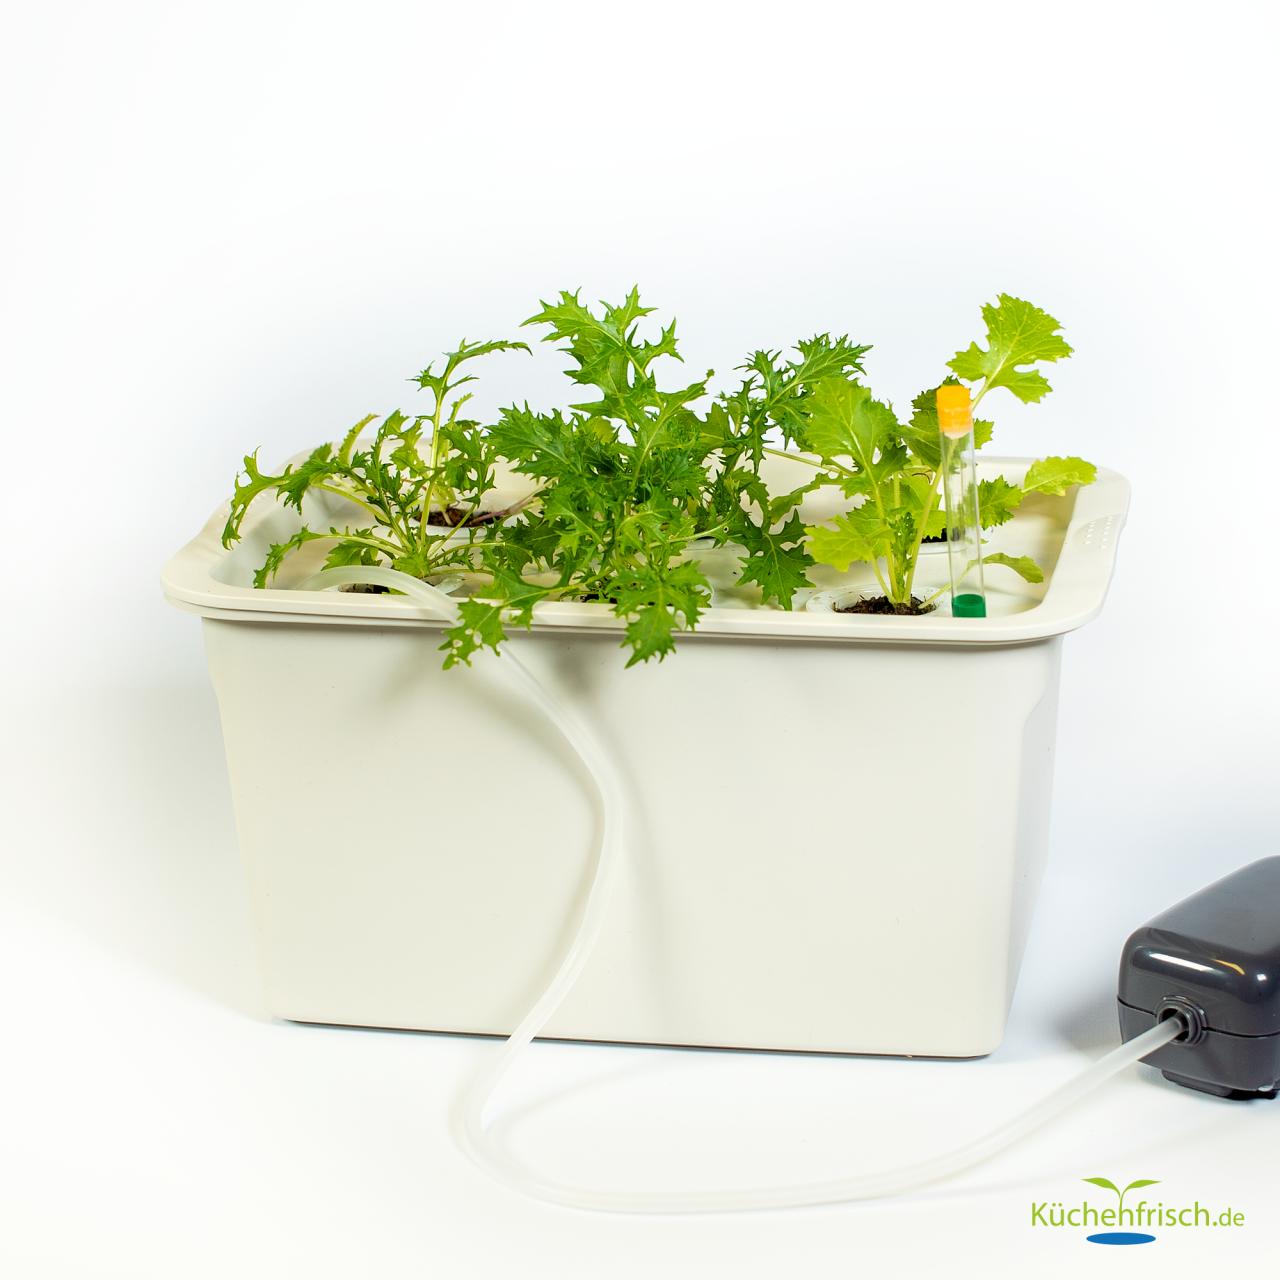 Indoorgarten DWC-Set 6 Pflanzen Beispiel mit Pflanzen